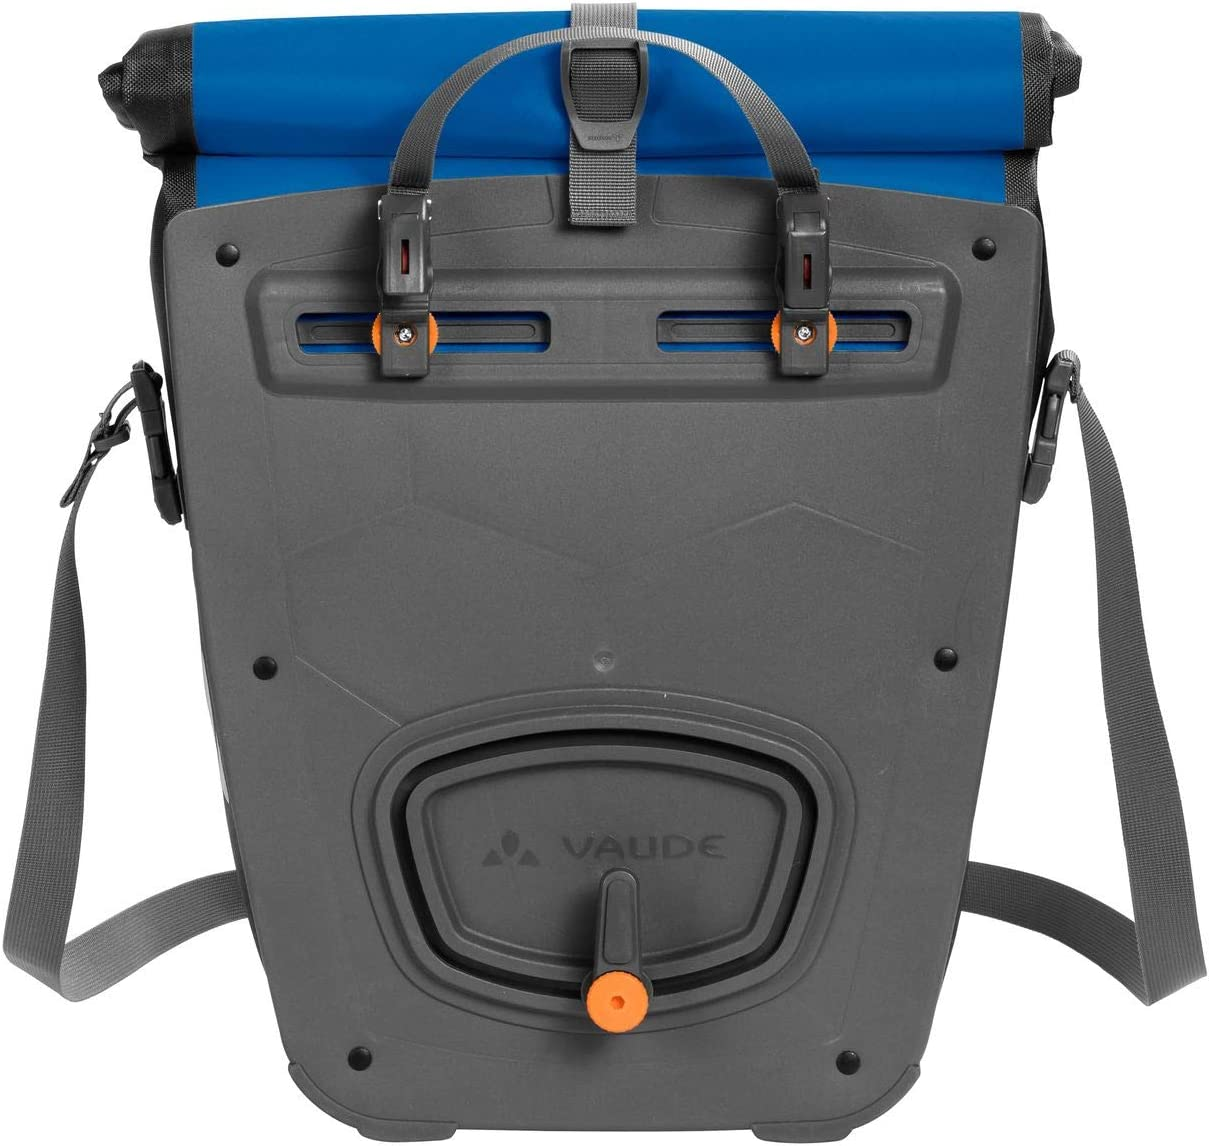 VAUDE Aqua Back Single Rear Wheel Bag